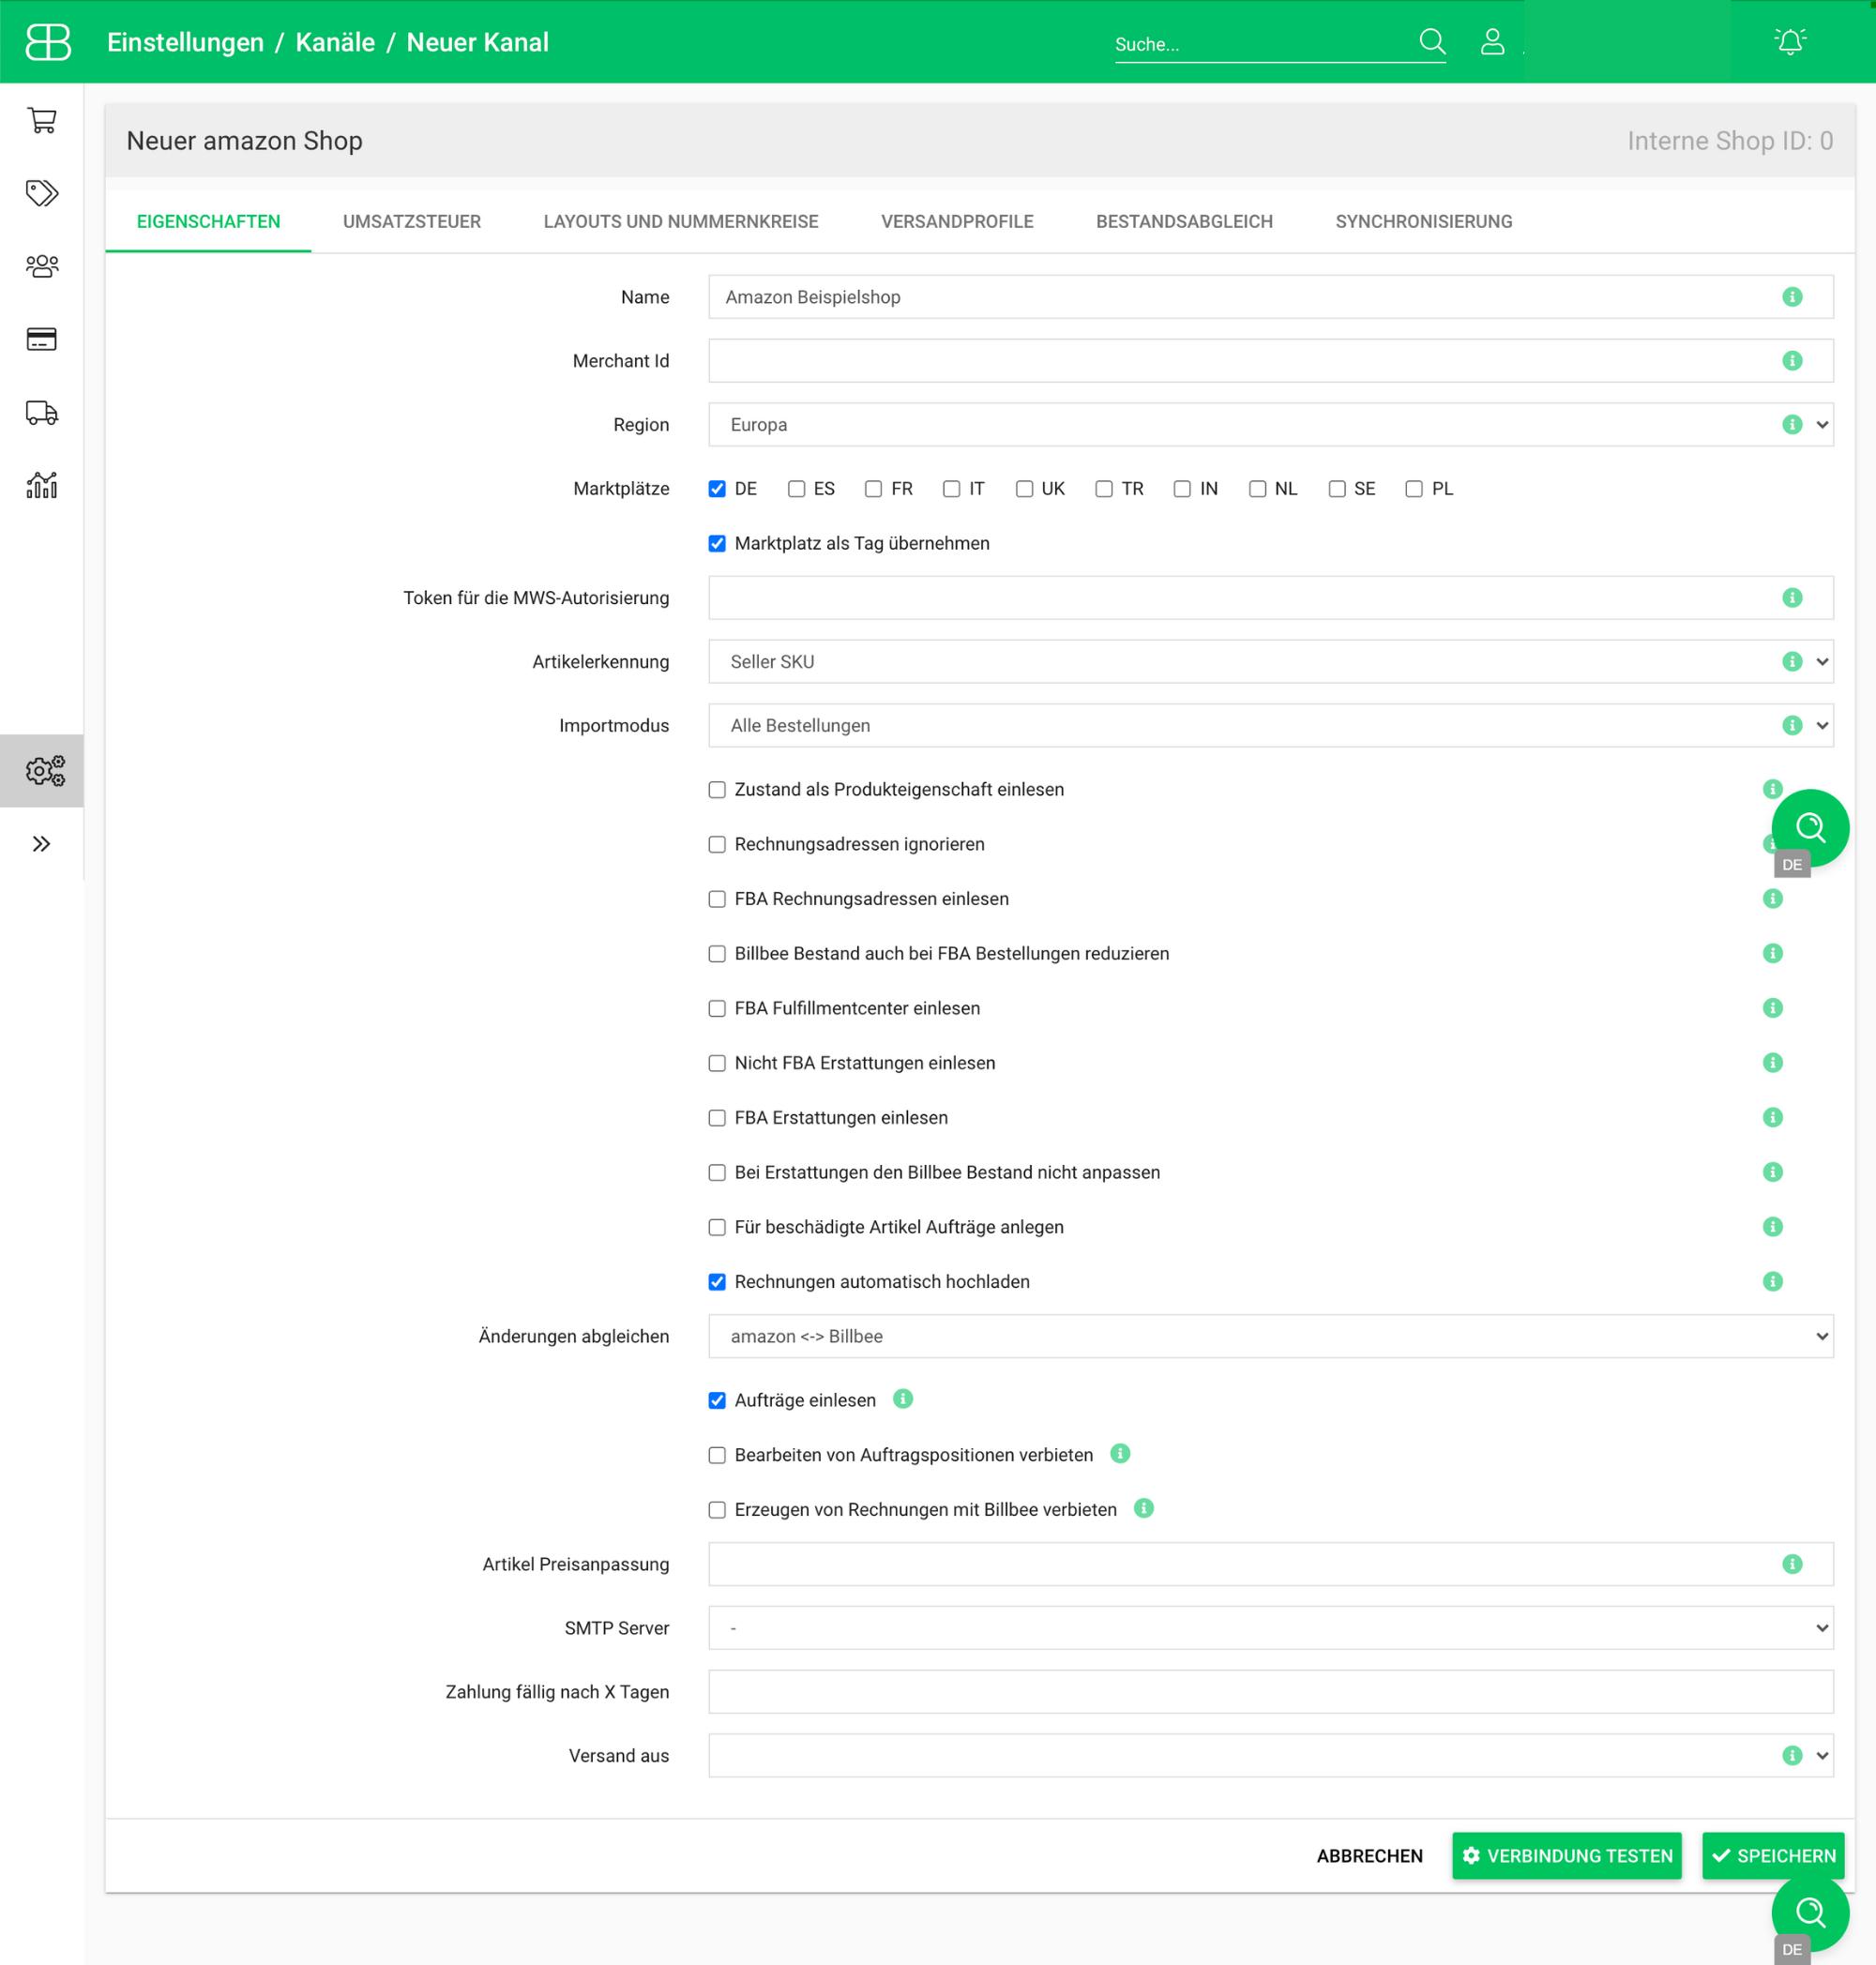 Screenshot aus Billbee zur den Einstellungen aus der Amazon Shopverbindung bei Billbee